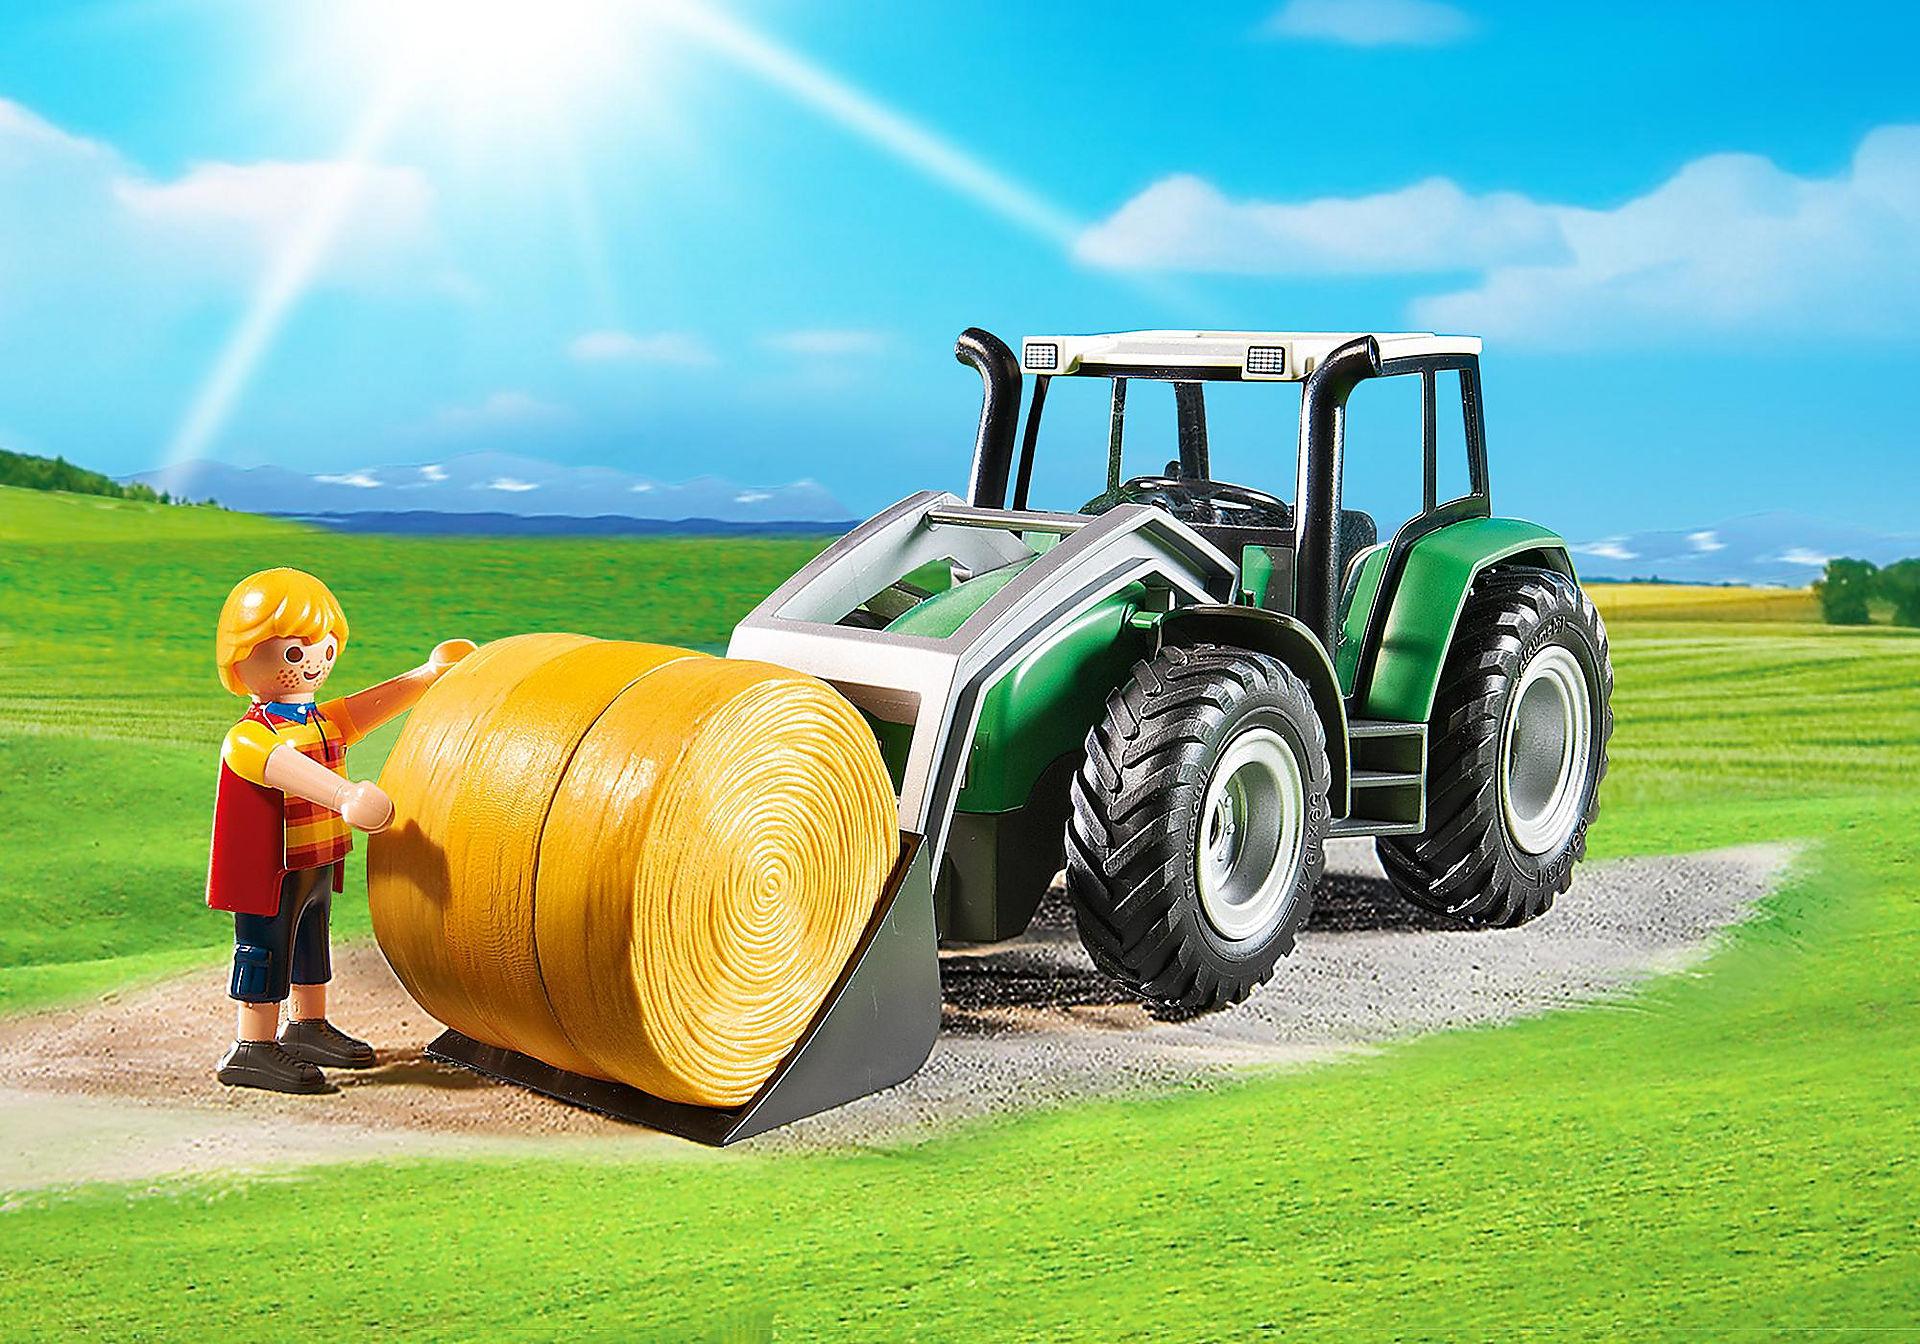 http://media.playmobil.com/i/playmobil/6130_product_extra2/Tractor met aanhangwagen